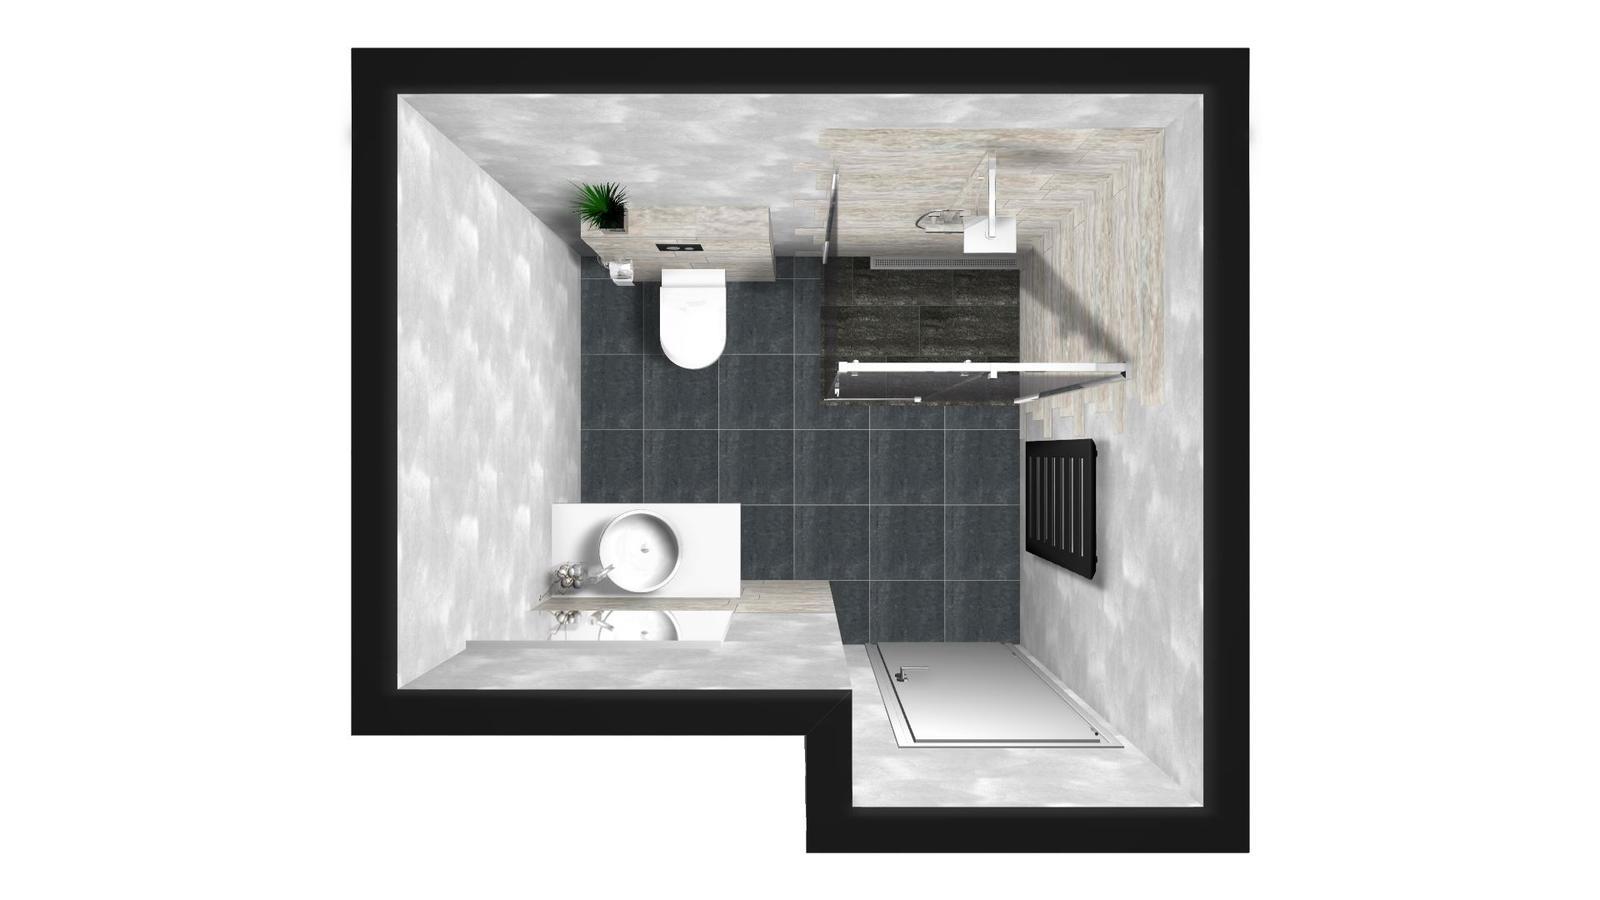 Splněný sen ... domeček - navrh spodni koupelny - vymyslela jsem si sama :)